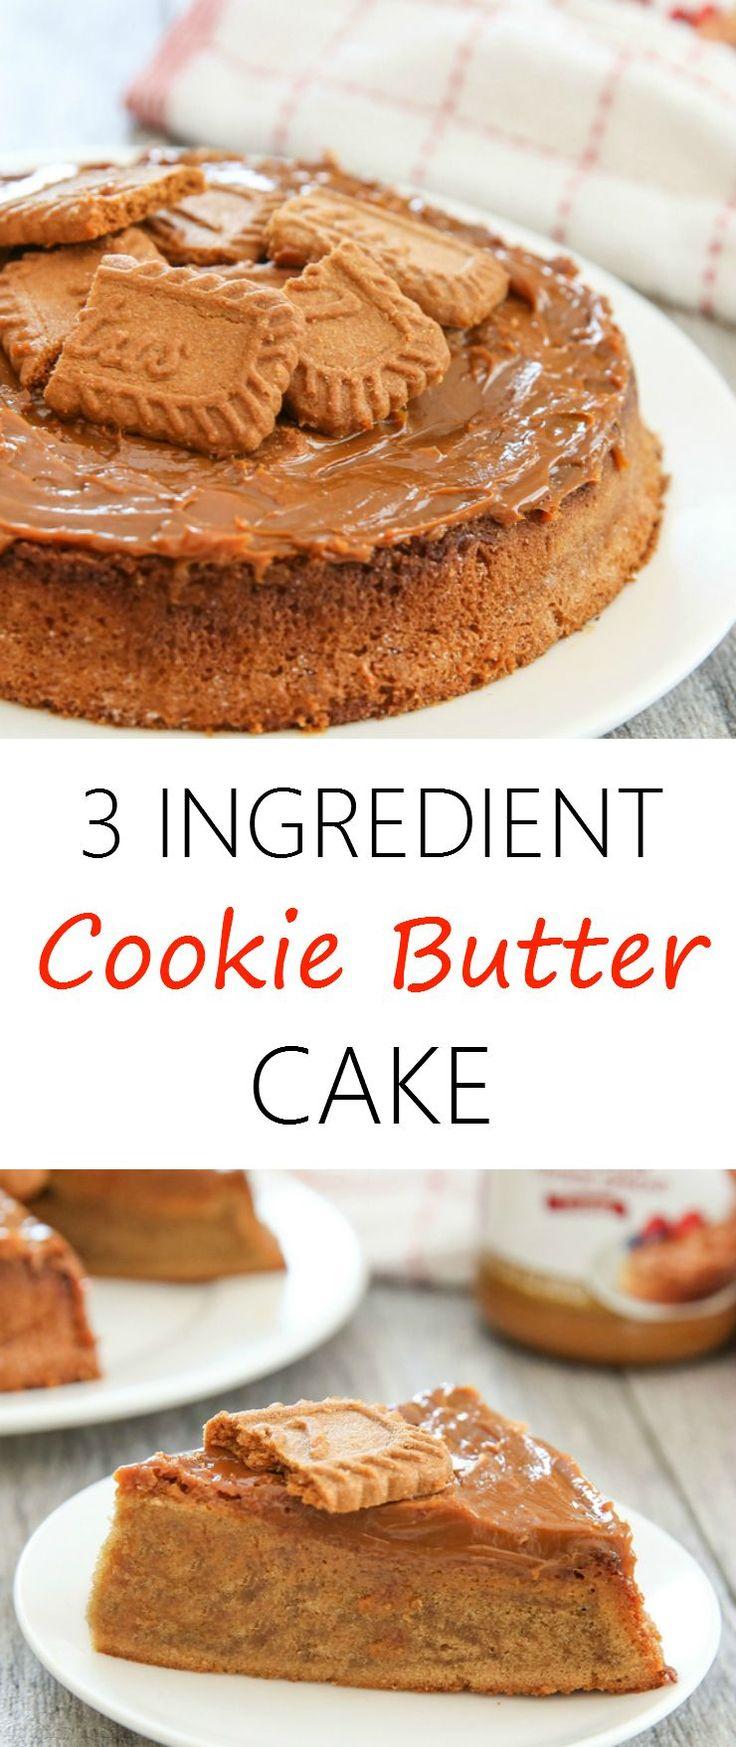 3 Ingredient Cookie Butter Cake   Kirbie's Cravings   A San Diego food blog